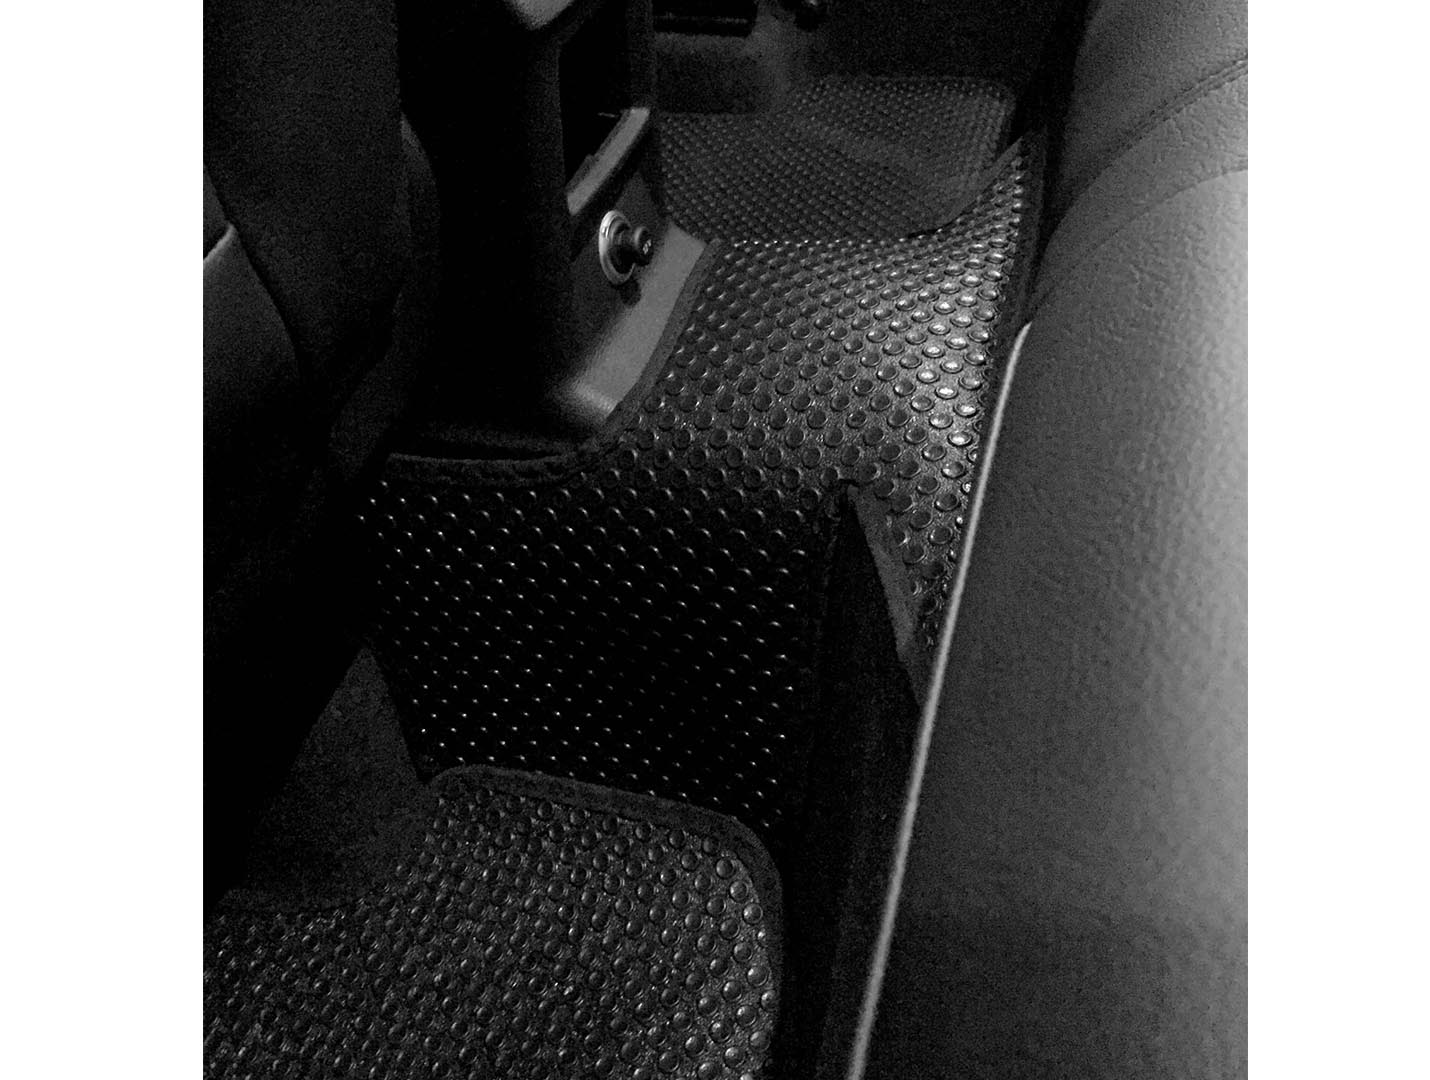 Thảm lót sàn Audi Q2 2021